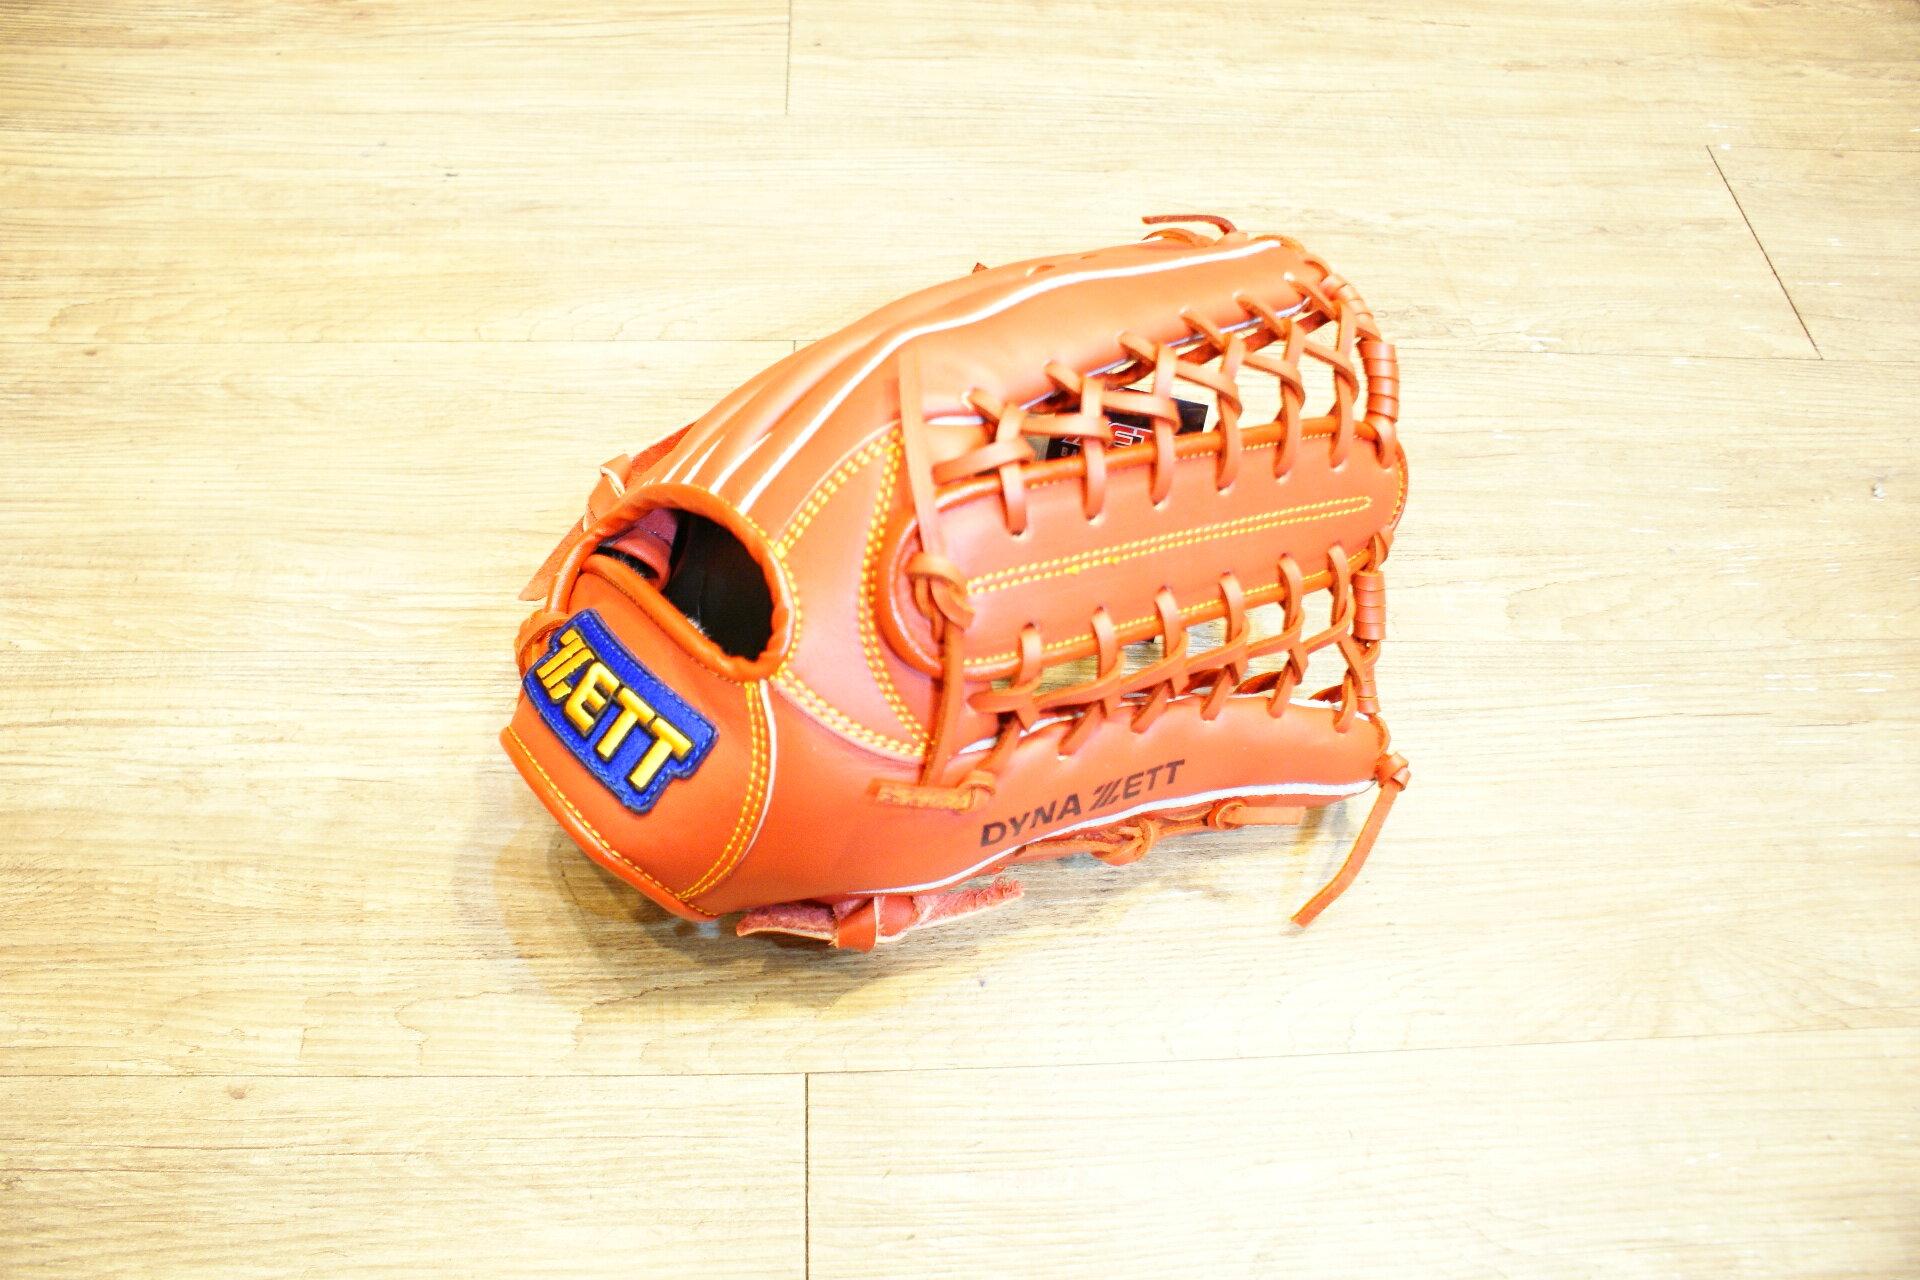 棒球世界 全新ZETT棒球外野手手套 橘色款 特價 牛舌檔